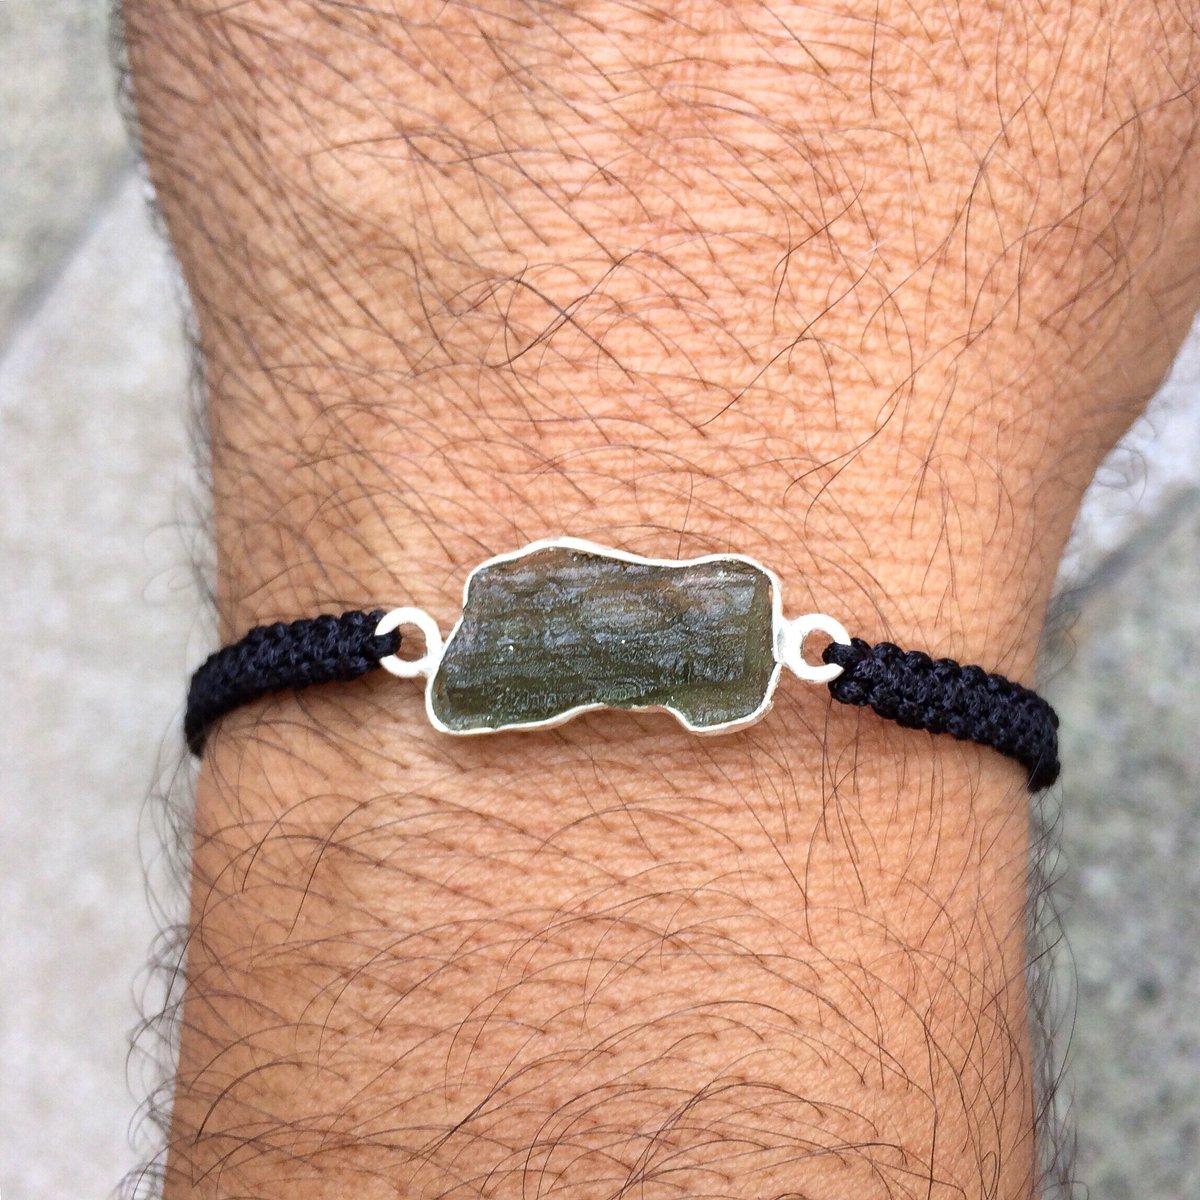 moldavites & minerals jewelry (@cosmic_minerals) | Twitter